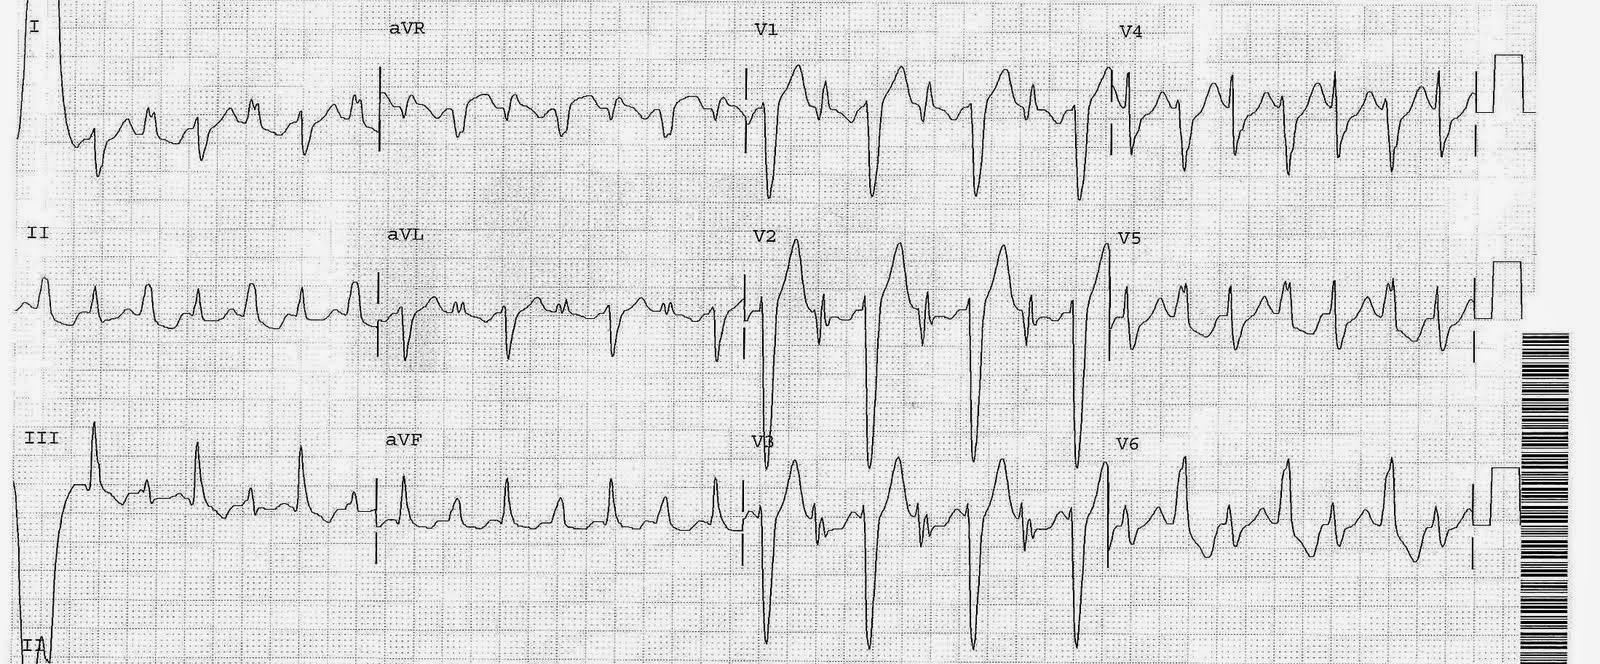 Dr Smith S Ecg Blog An Unusual Tachycardia